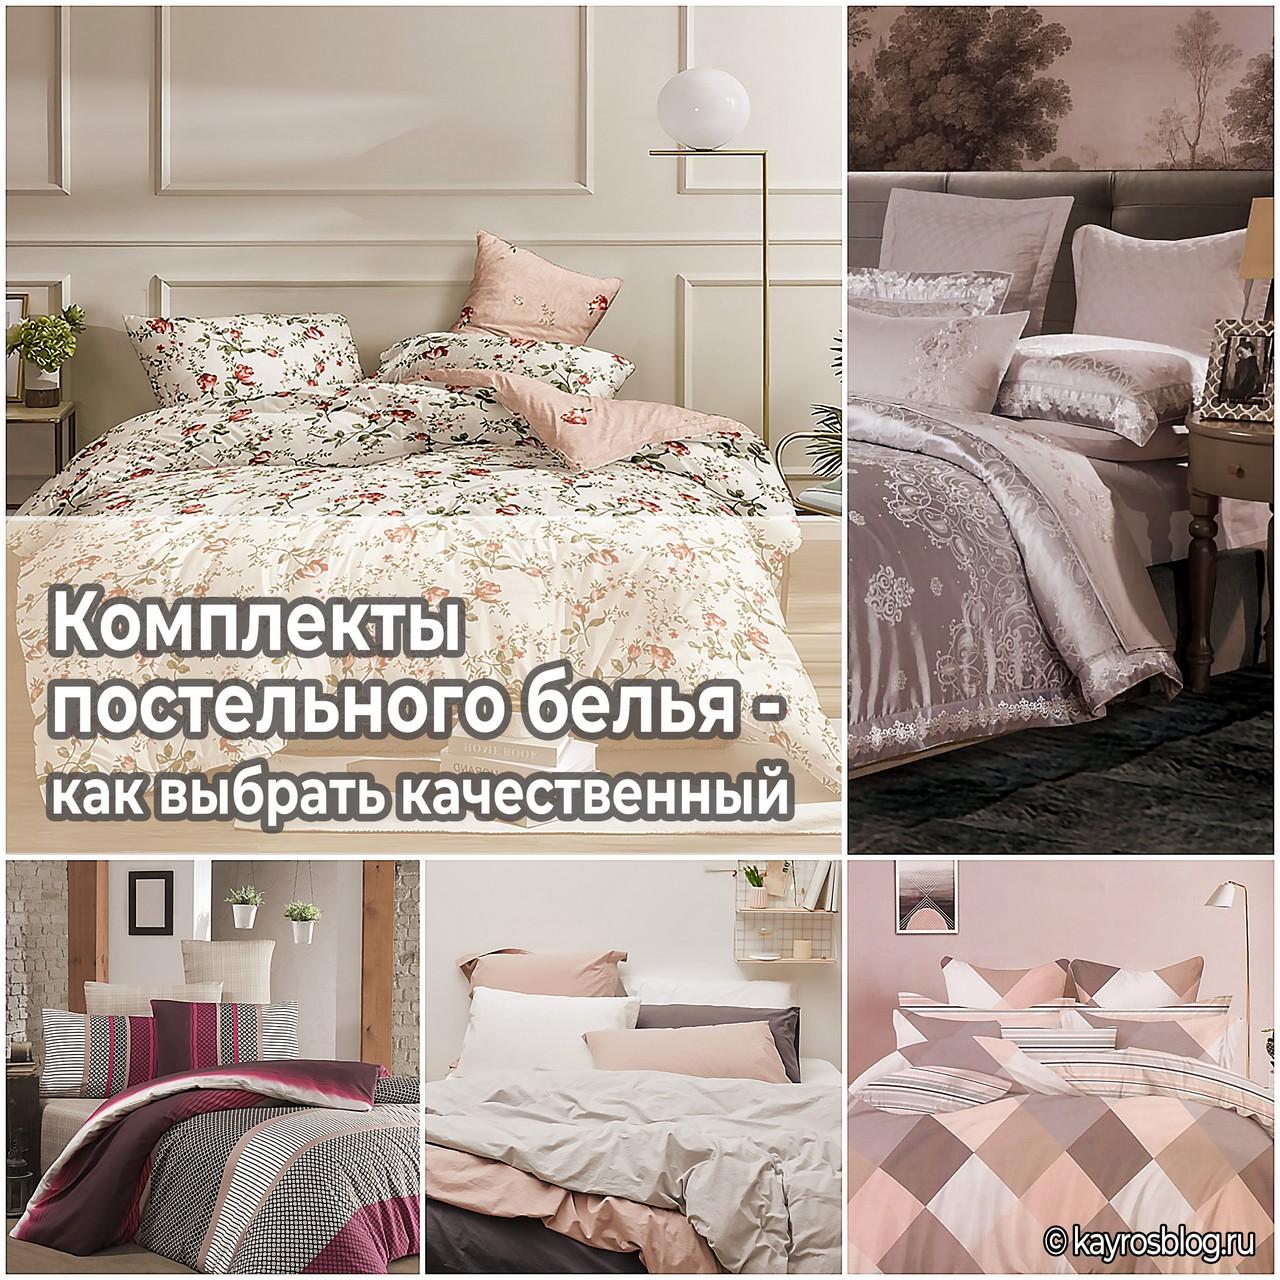 Комплекты постельного белья - как выбрать качественный